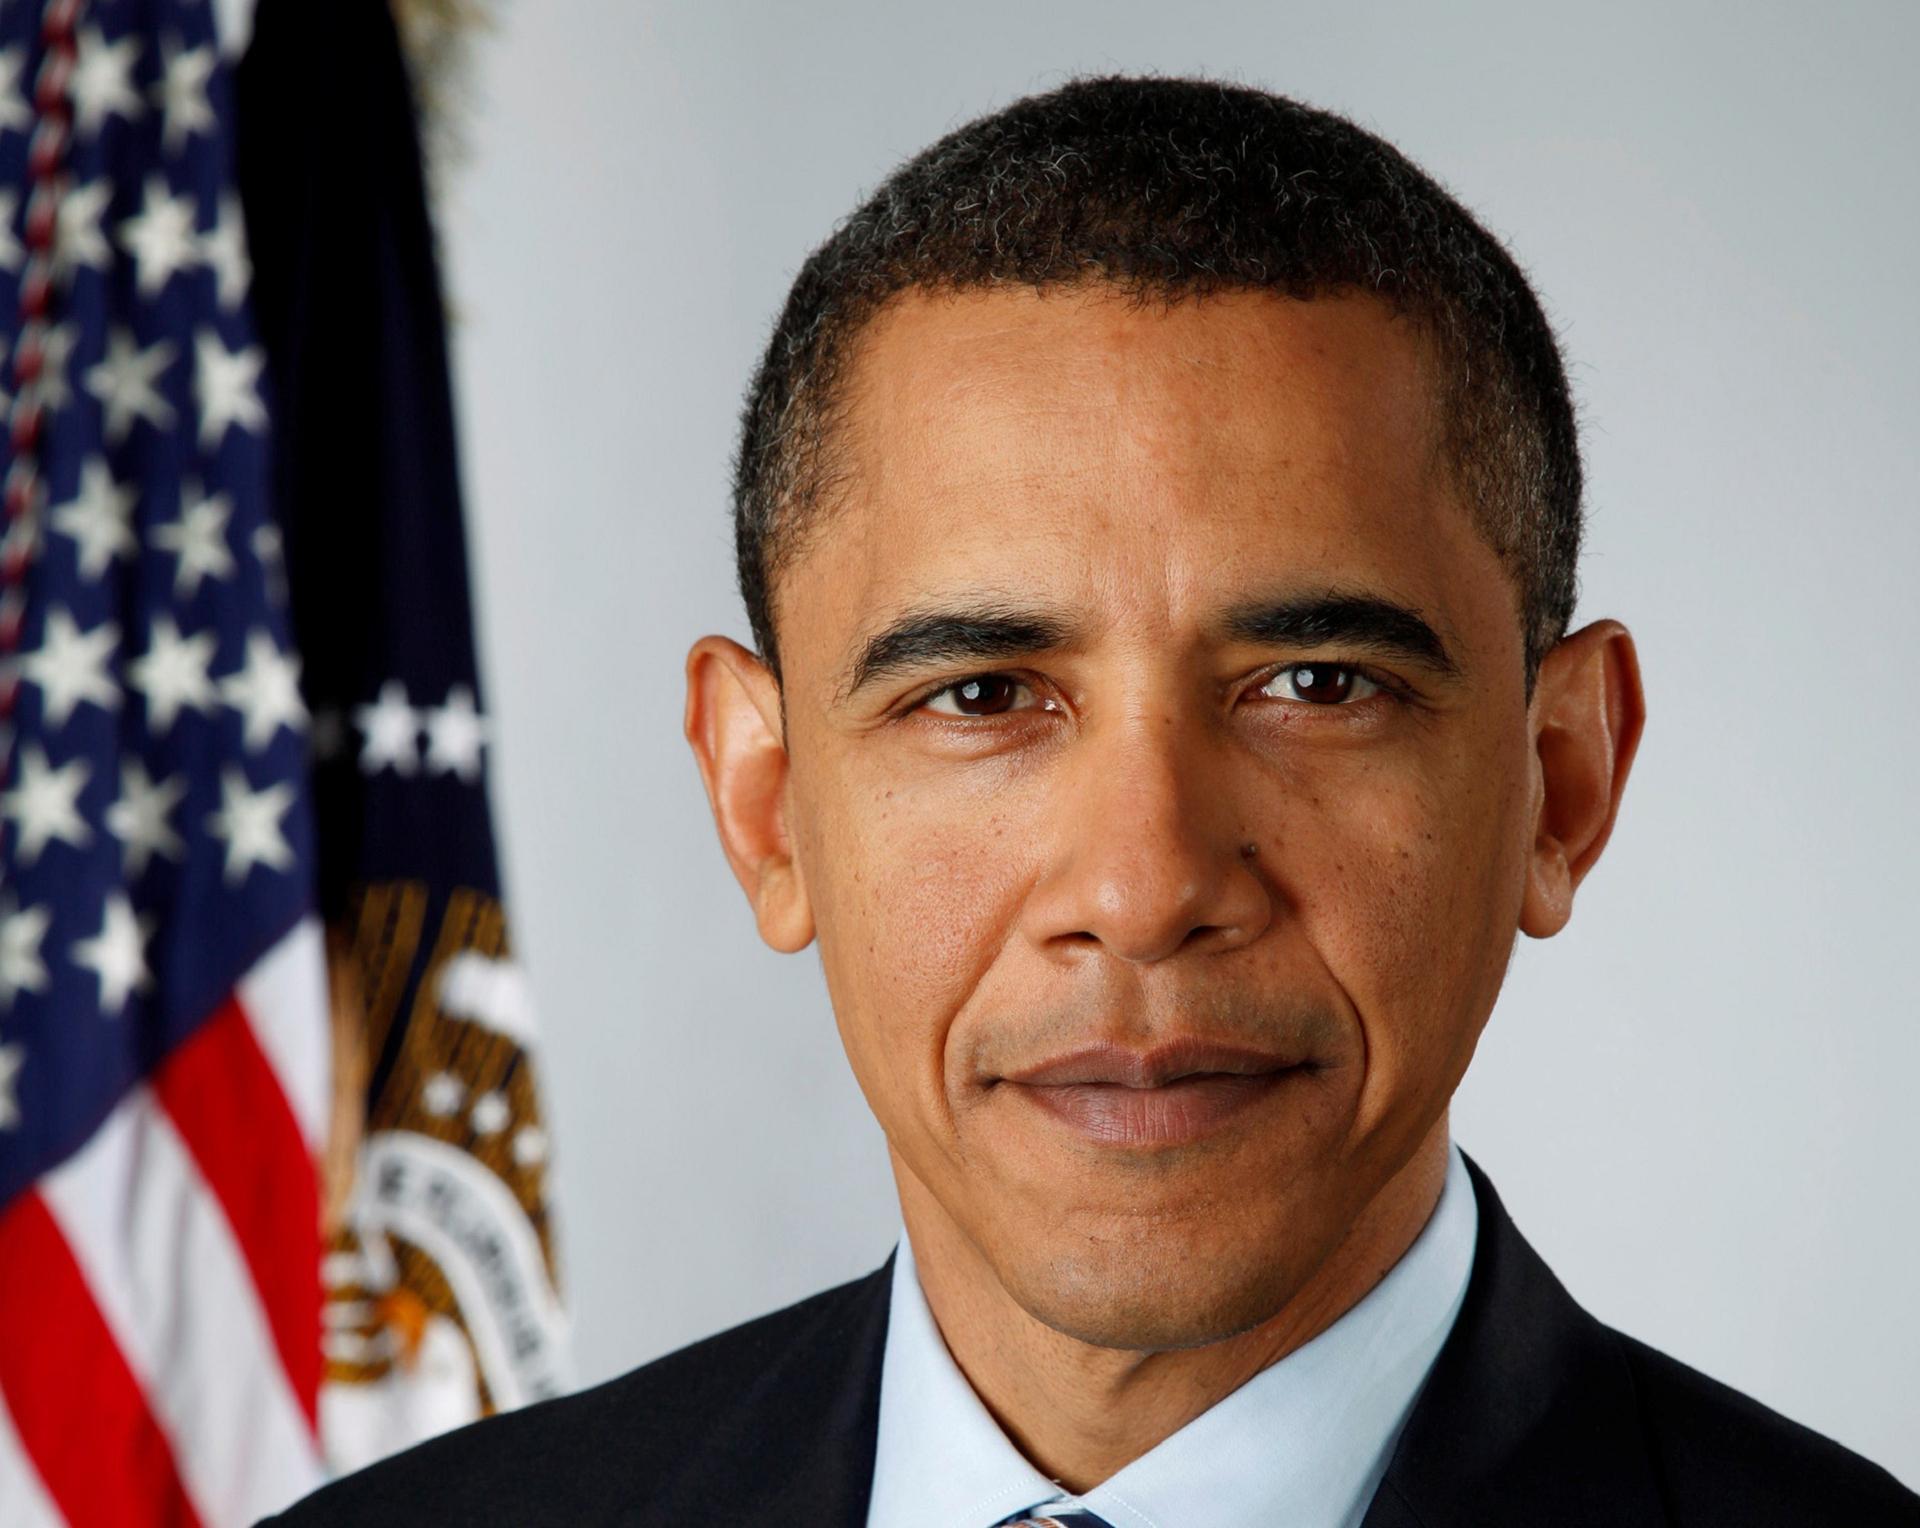 Barack Obama Hd Desktop